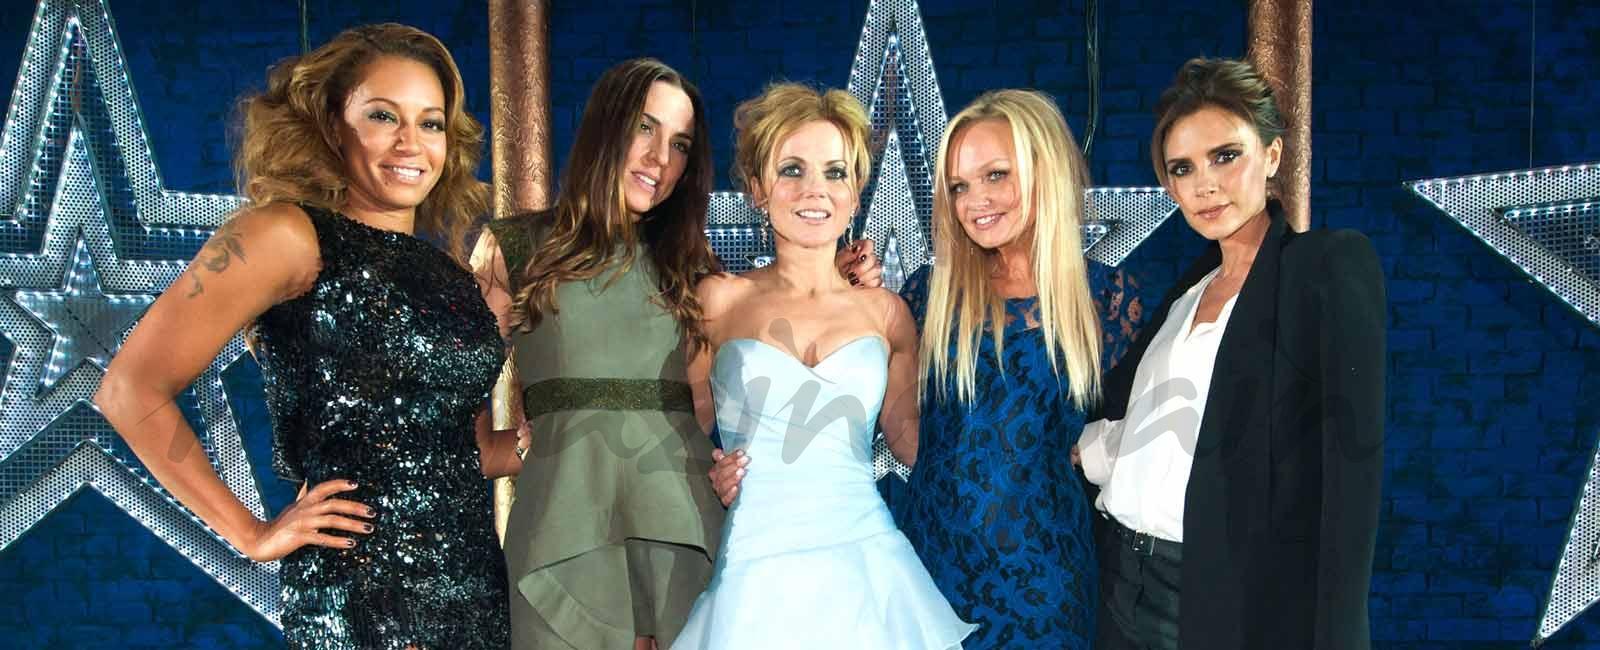 Ya es oficial… ¡Vuelven las Spice Girls!